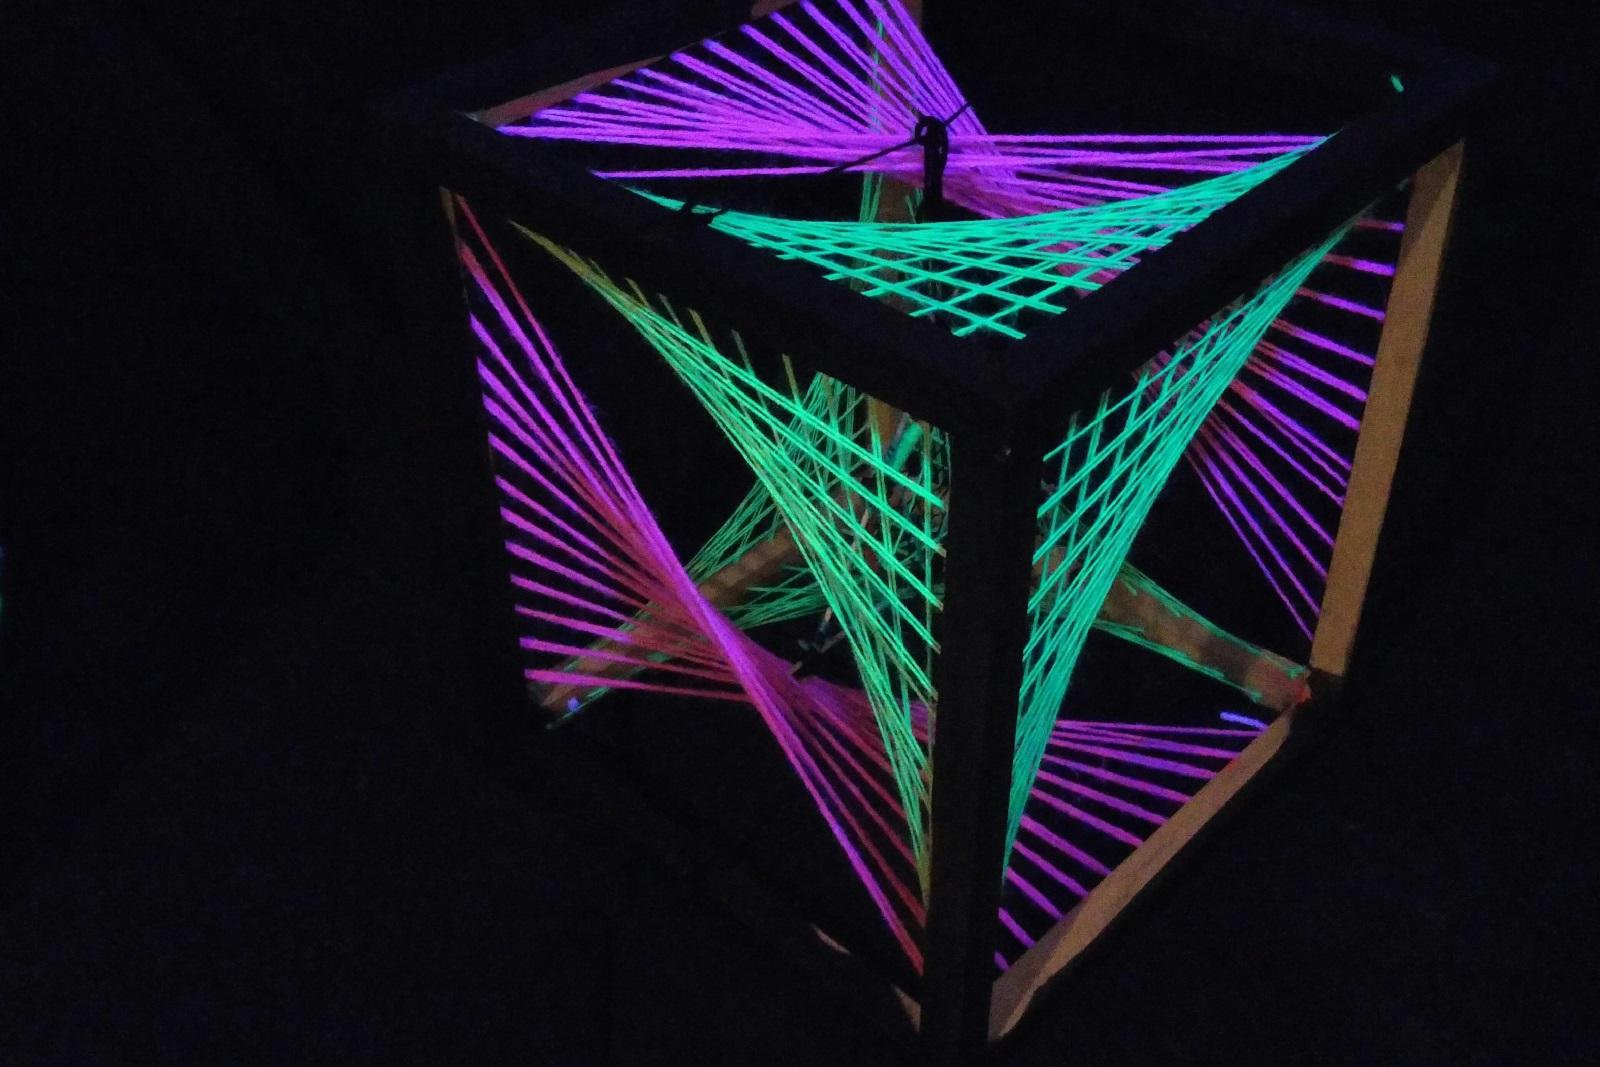 uv-aktiivininen string art